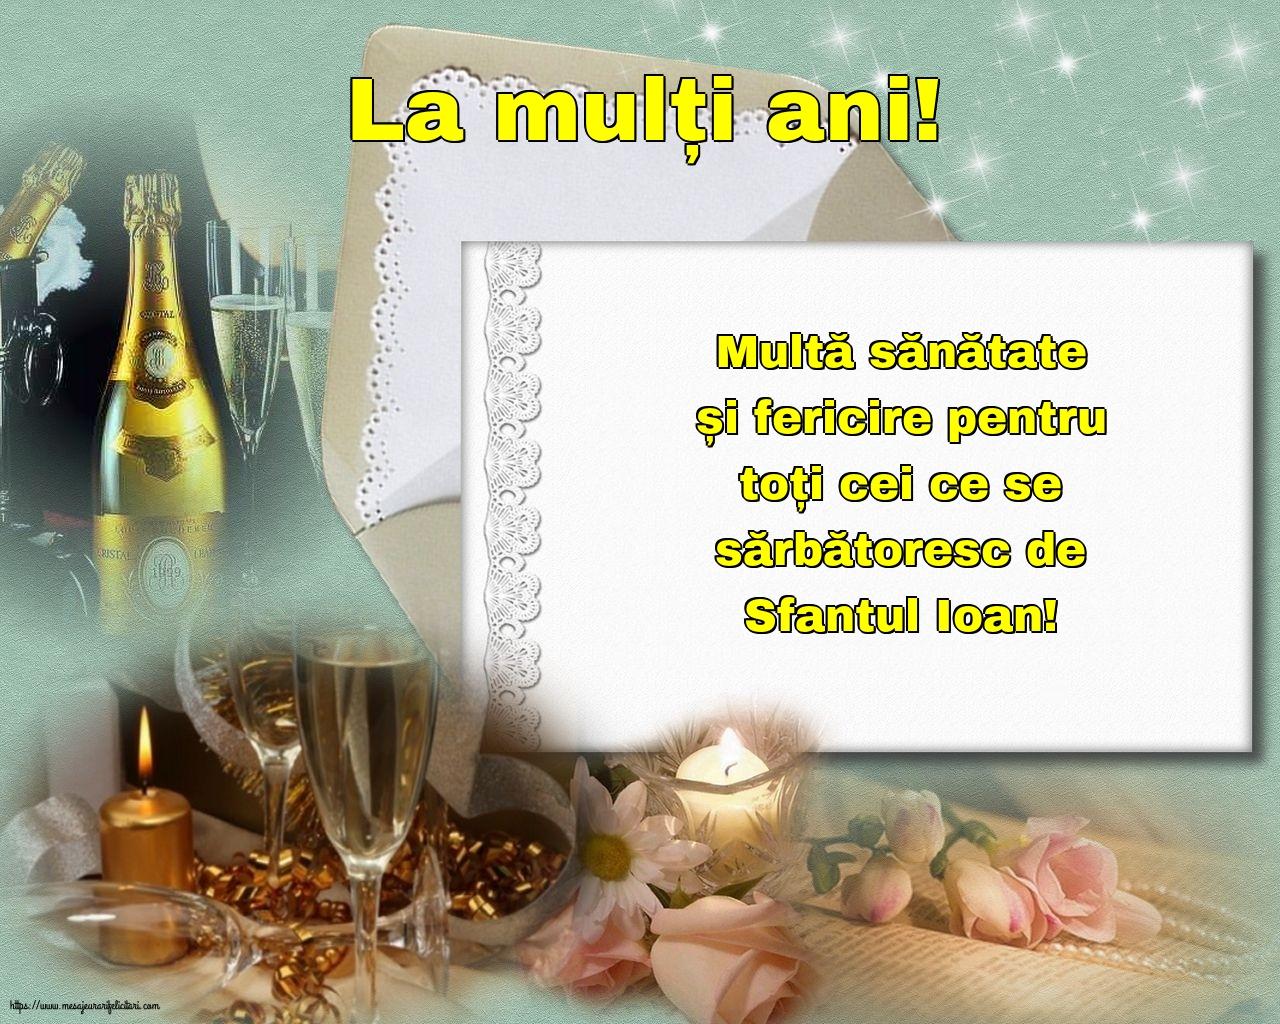 Cele mai apreciate felicitari de Nasterea Sfantului Ioan - La mulți ani!